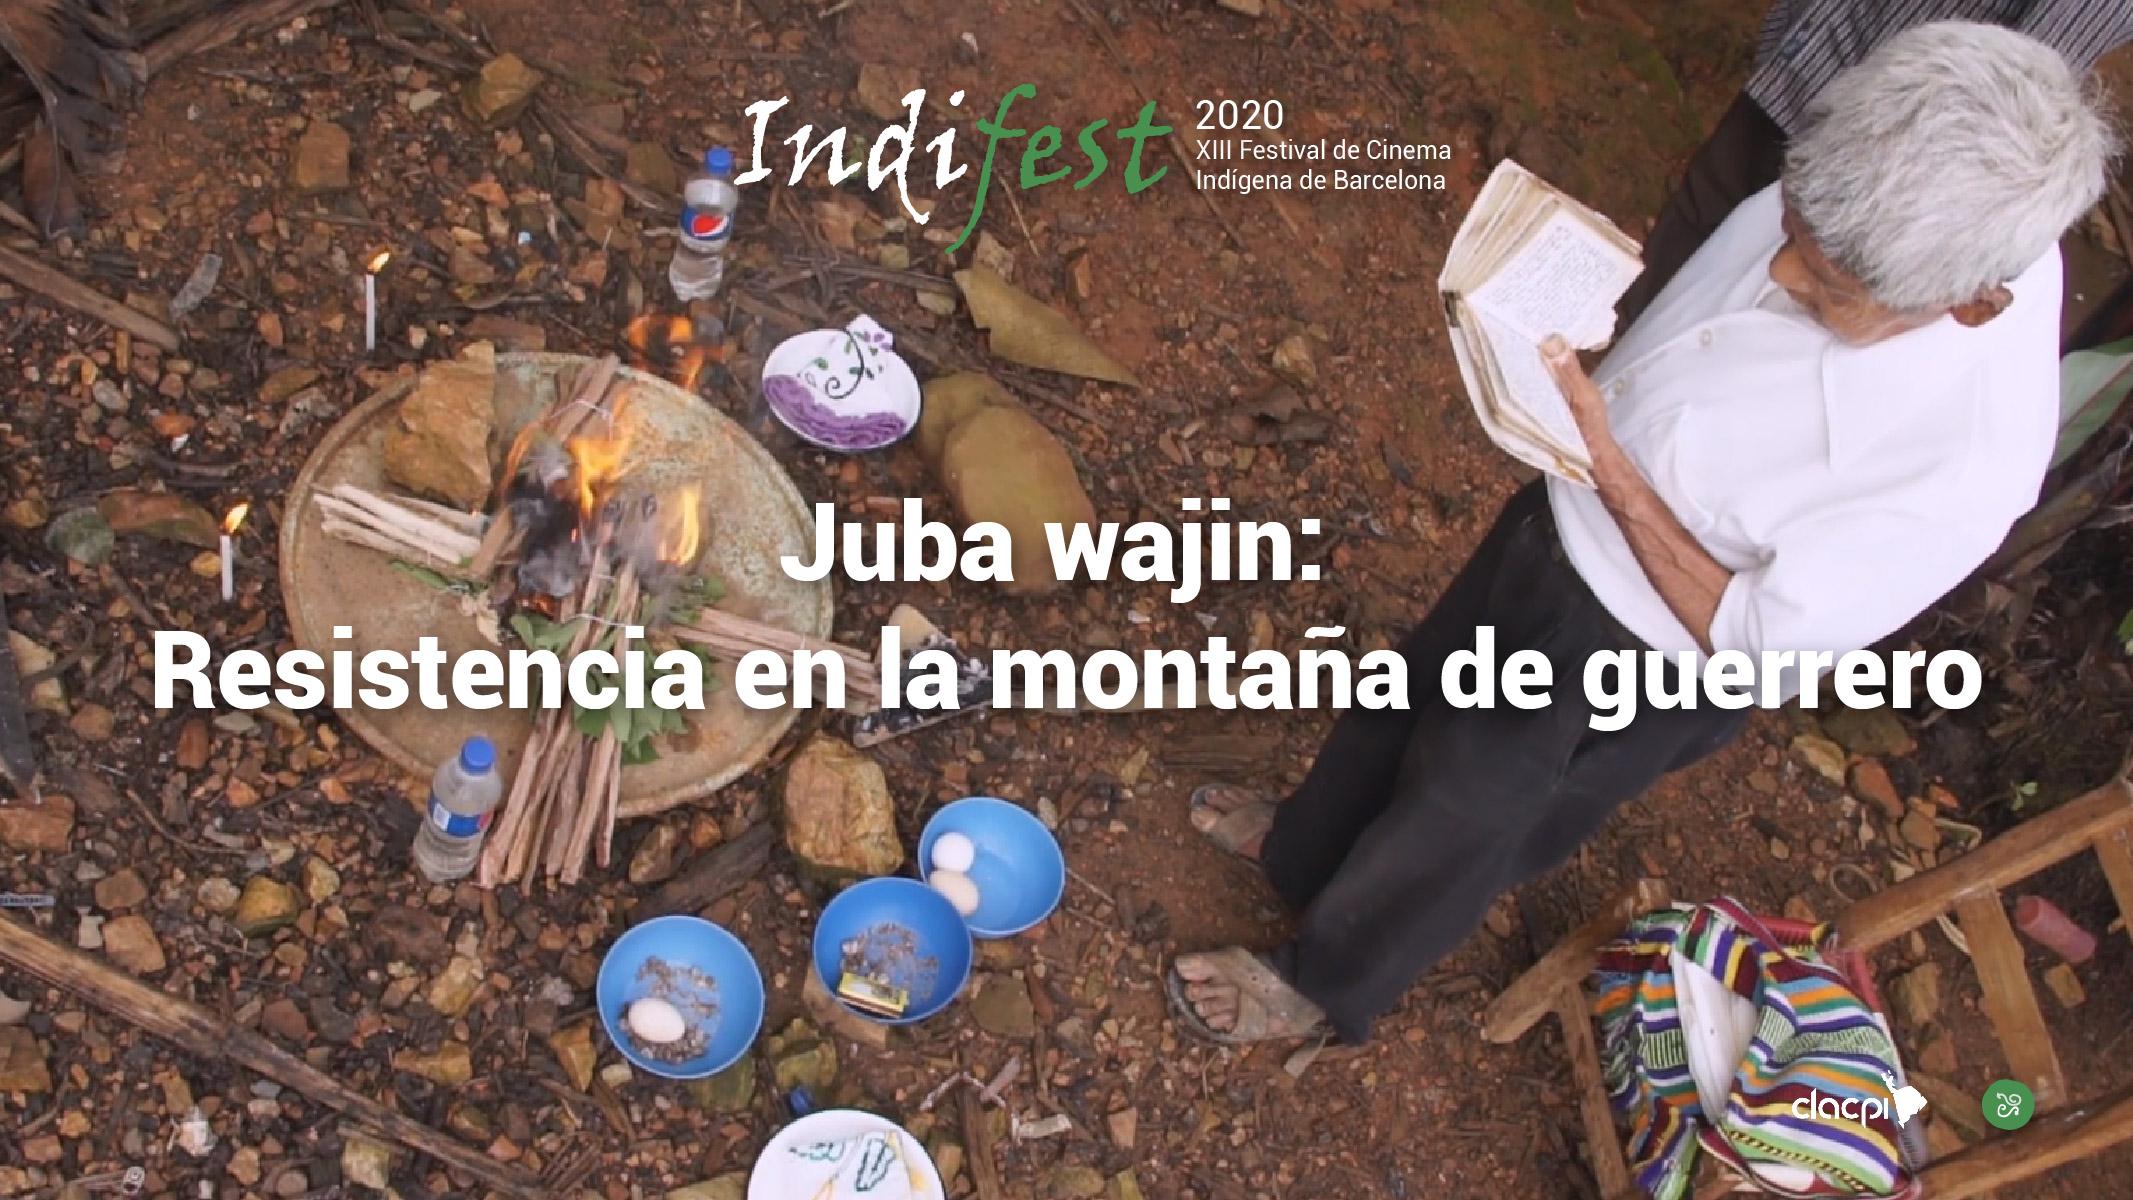 Juba wajiín: Resistencia en la montaña de guerrero